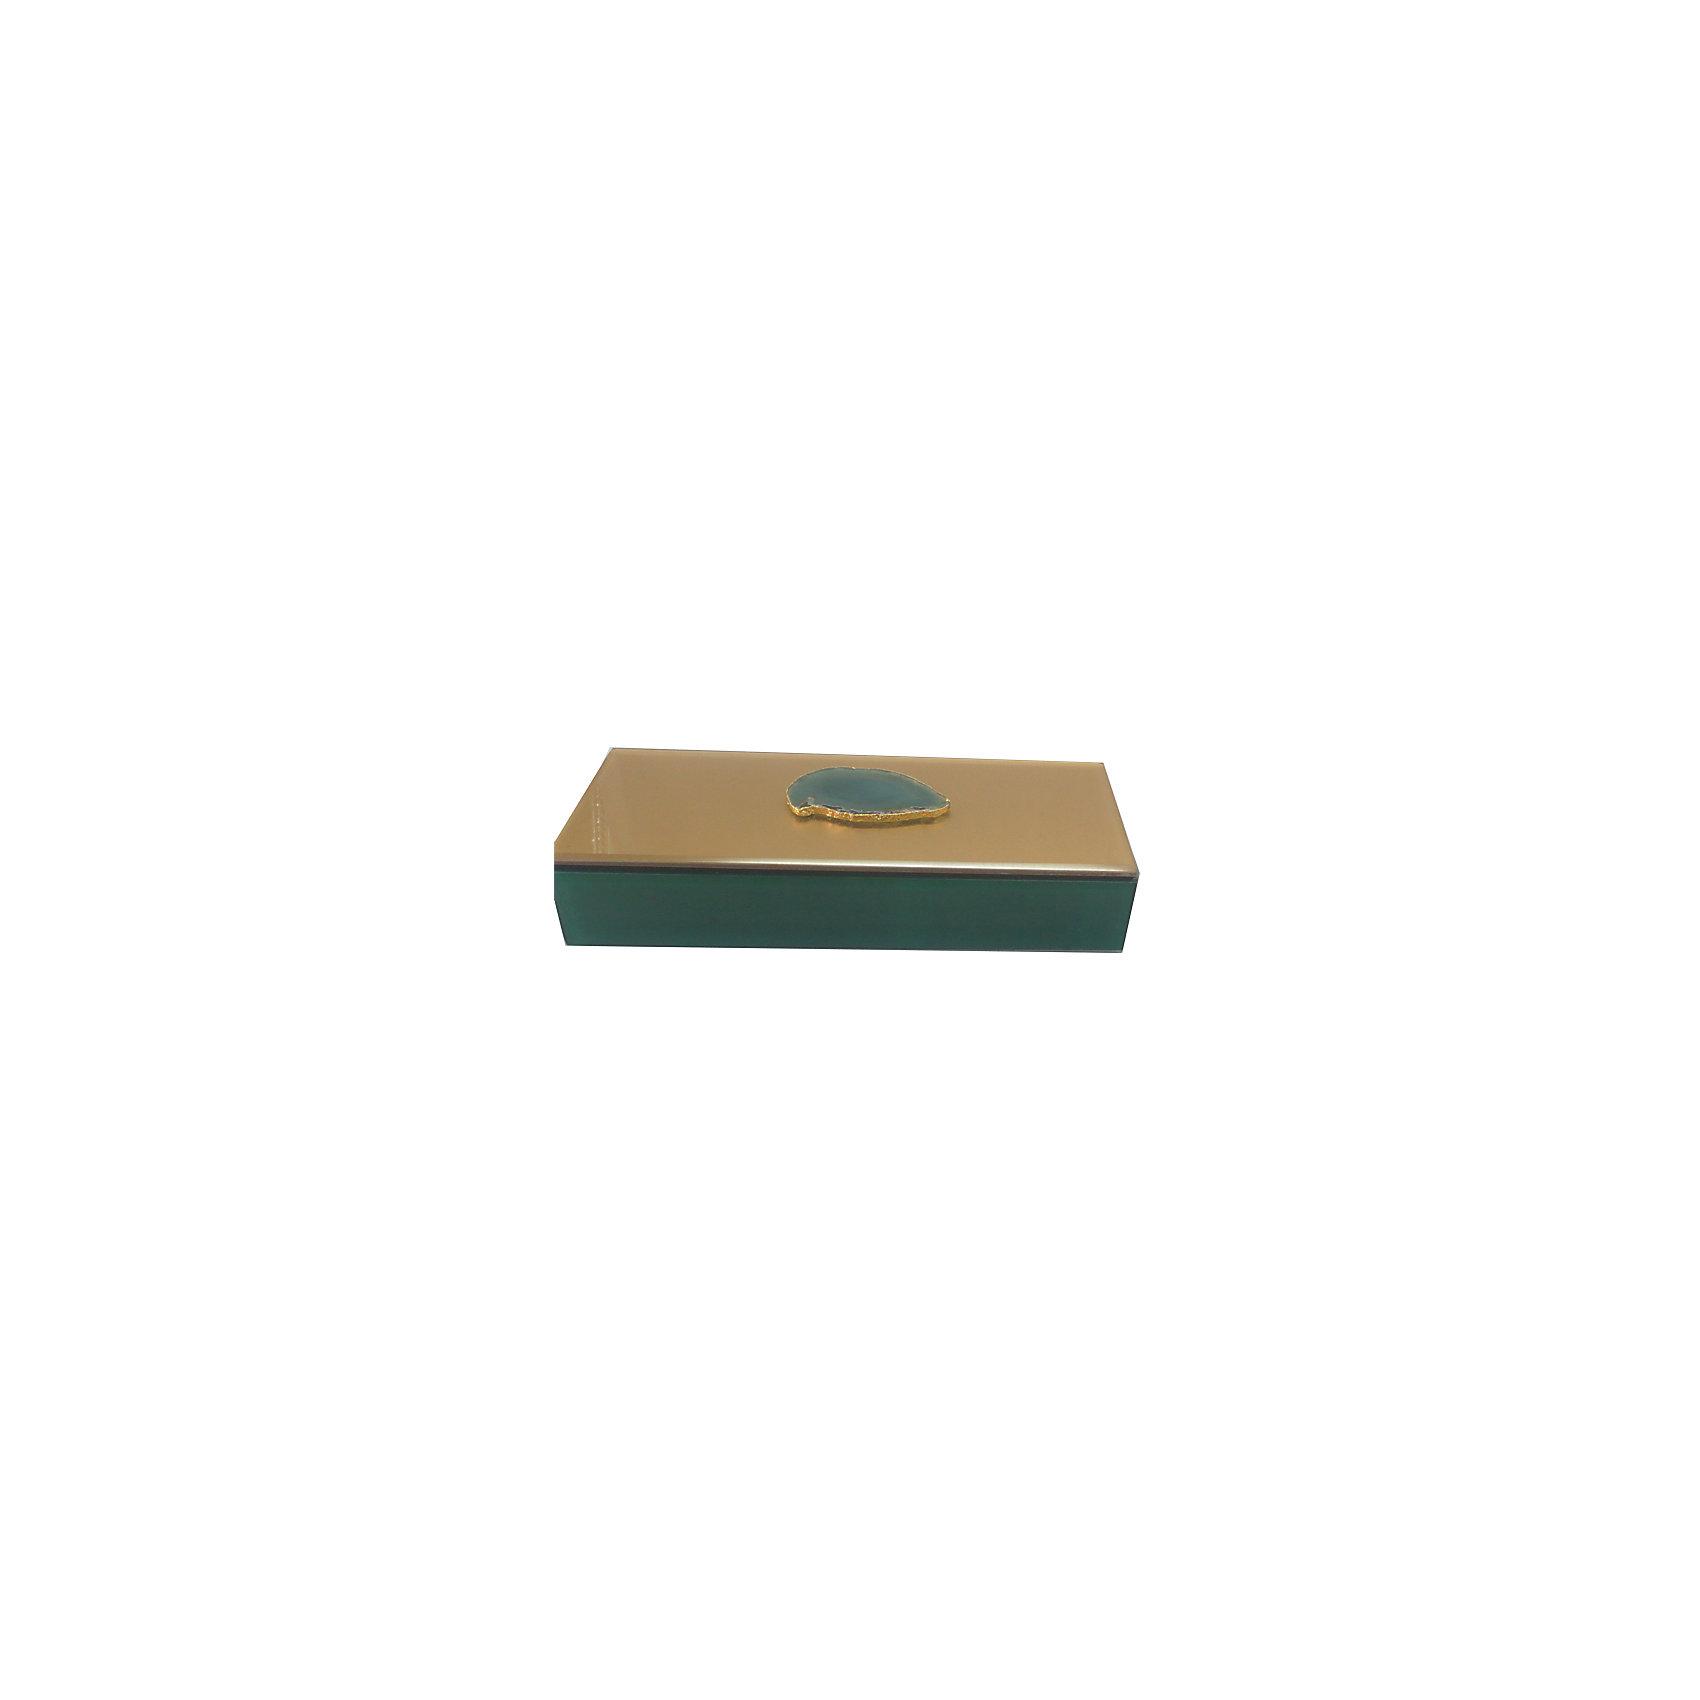 Шкатулка Дымчато-зеленый агат из стекла для мелочей, Феникс-ПрезентПредметы интерьера<br>Шкатулка Дымчато-зеленый агат из стекла для мелочей, Феникс-Презент<br><br>Характеристики:<br><br>• расцветка под агат<br>• размер: 24,5х9,5х4,5 см<br>• материал: стекло<br><br>Шкатулка Дымчато-зеленый агат украсит интерьер комнаты и позволит вам хранить различные мелочи и безделушки в одном месте. Шкатулка надежно закрывается крышкой. Приятная расцветка шкатулки всегда будет радовать глаз!<br><br>Шкатулку Дымчато-зеленый агат из стекла для мелочей, Феникс-Презент можно купить в нашем интернет-магазине.<br><br>Ширина мм: 245<br>Глубина мм: 95<br>Высота мм: 45<br>Вес г: 583<br>Возраст от месяцев: 60<br>Возраст до месяцев: 2147483647<br>Пол: Унисекс<br>Возраст: Детский<br>SKU: 5449771